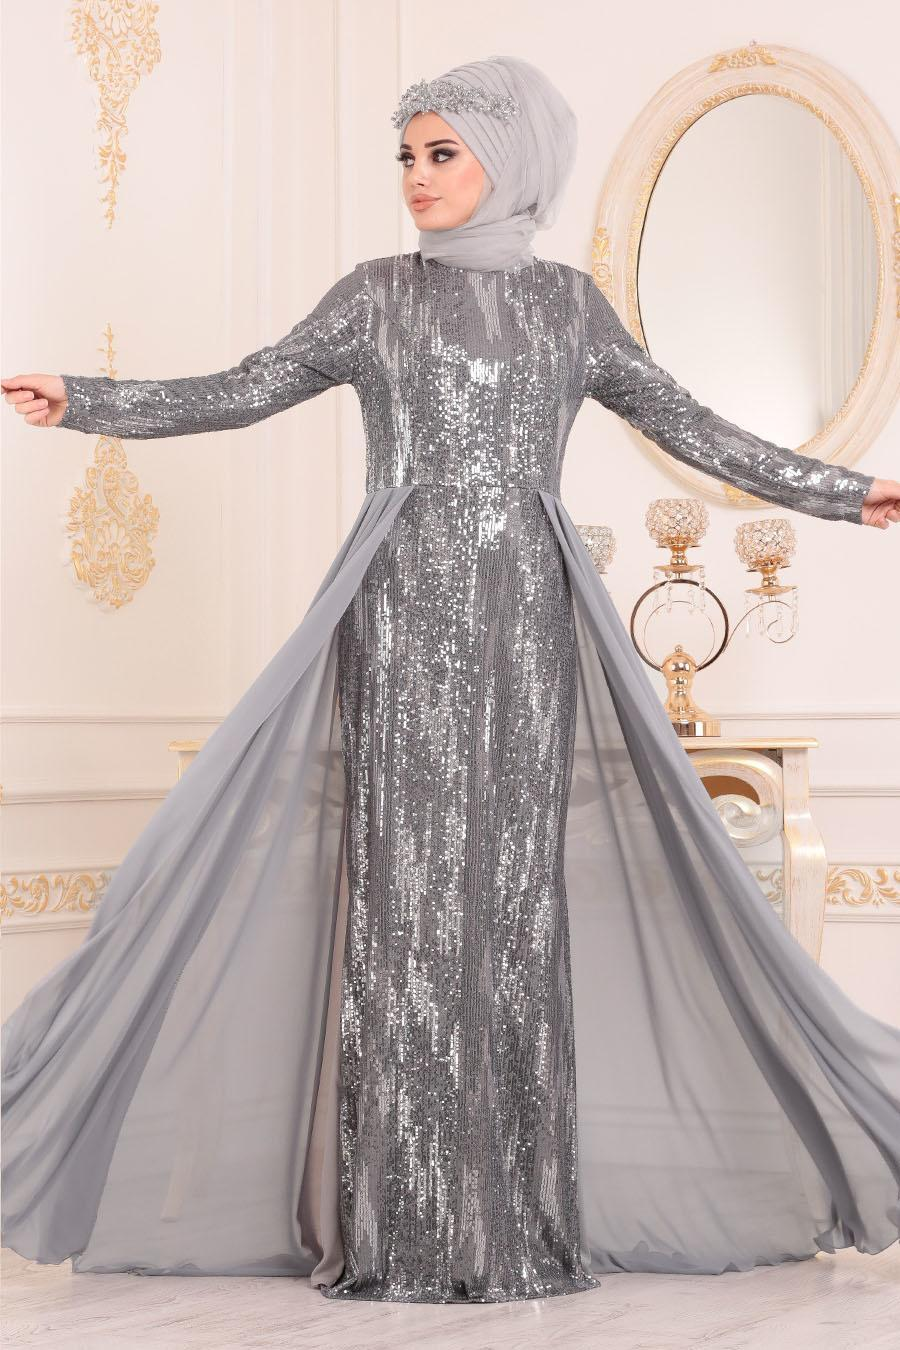 Nayla Collection - Pul Payetli Gri Tesettür Abiye Elbise 25740GR